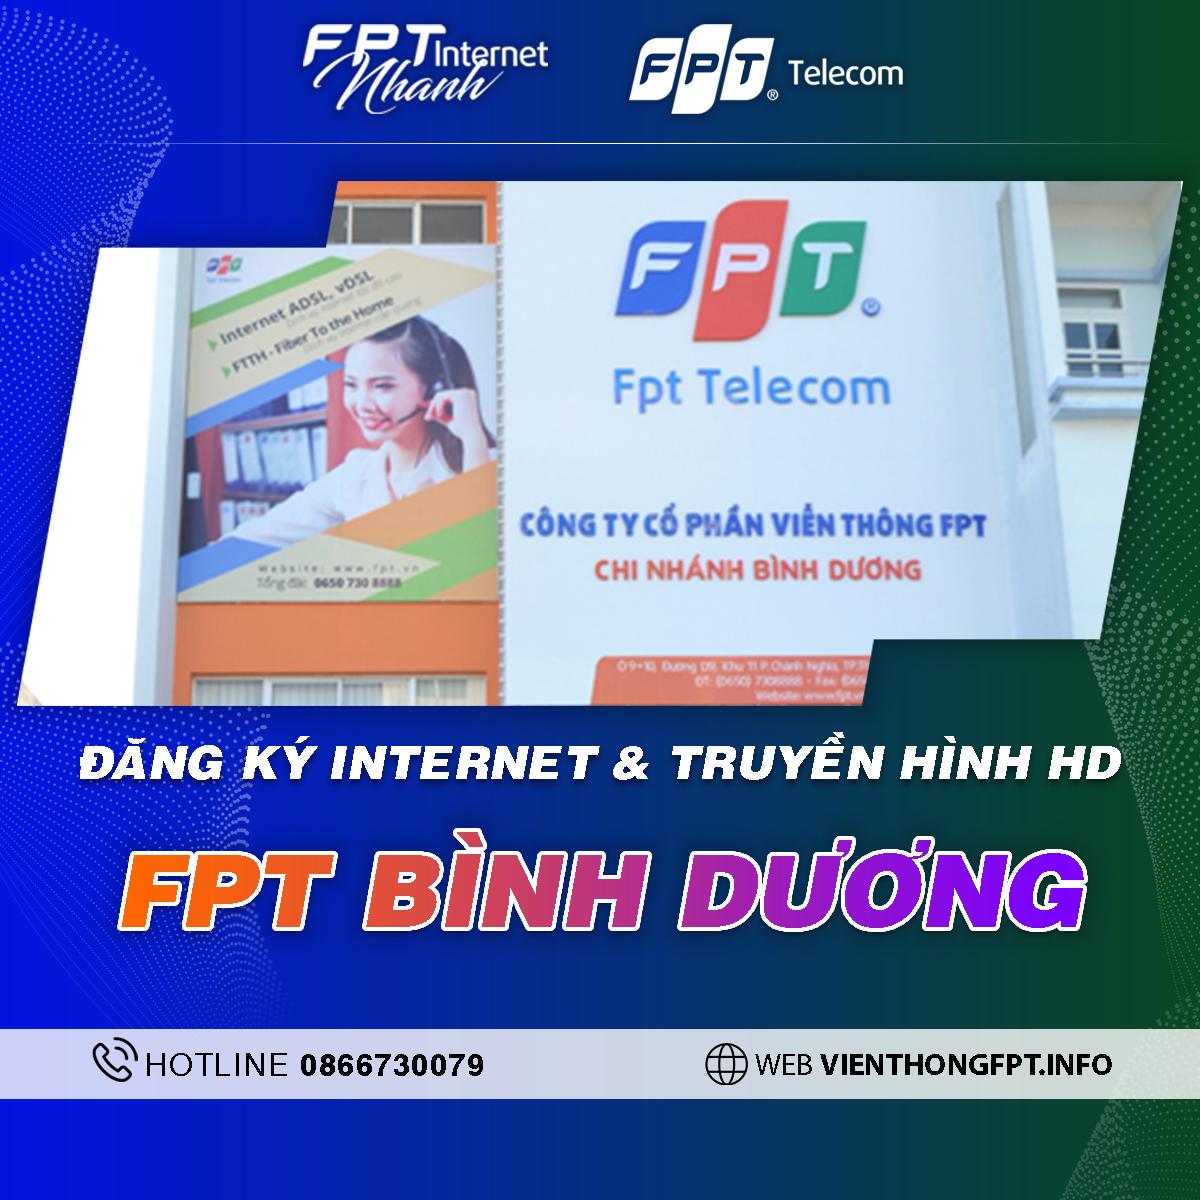 Chi nhánh FPT Bình Dương - Tổng đài lắp Internet và Truyền hình FPT